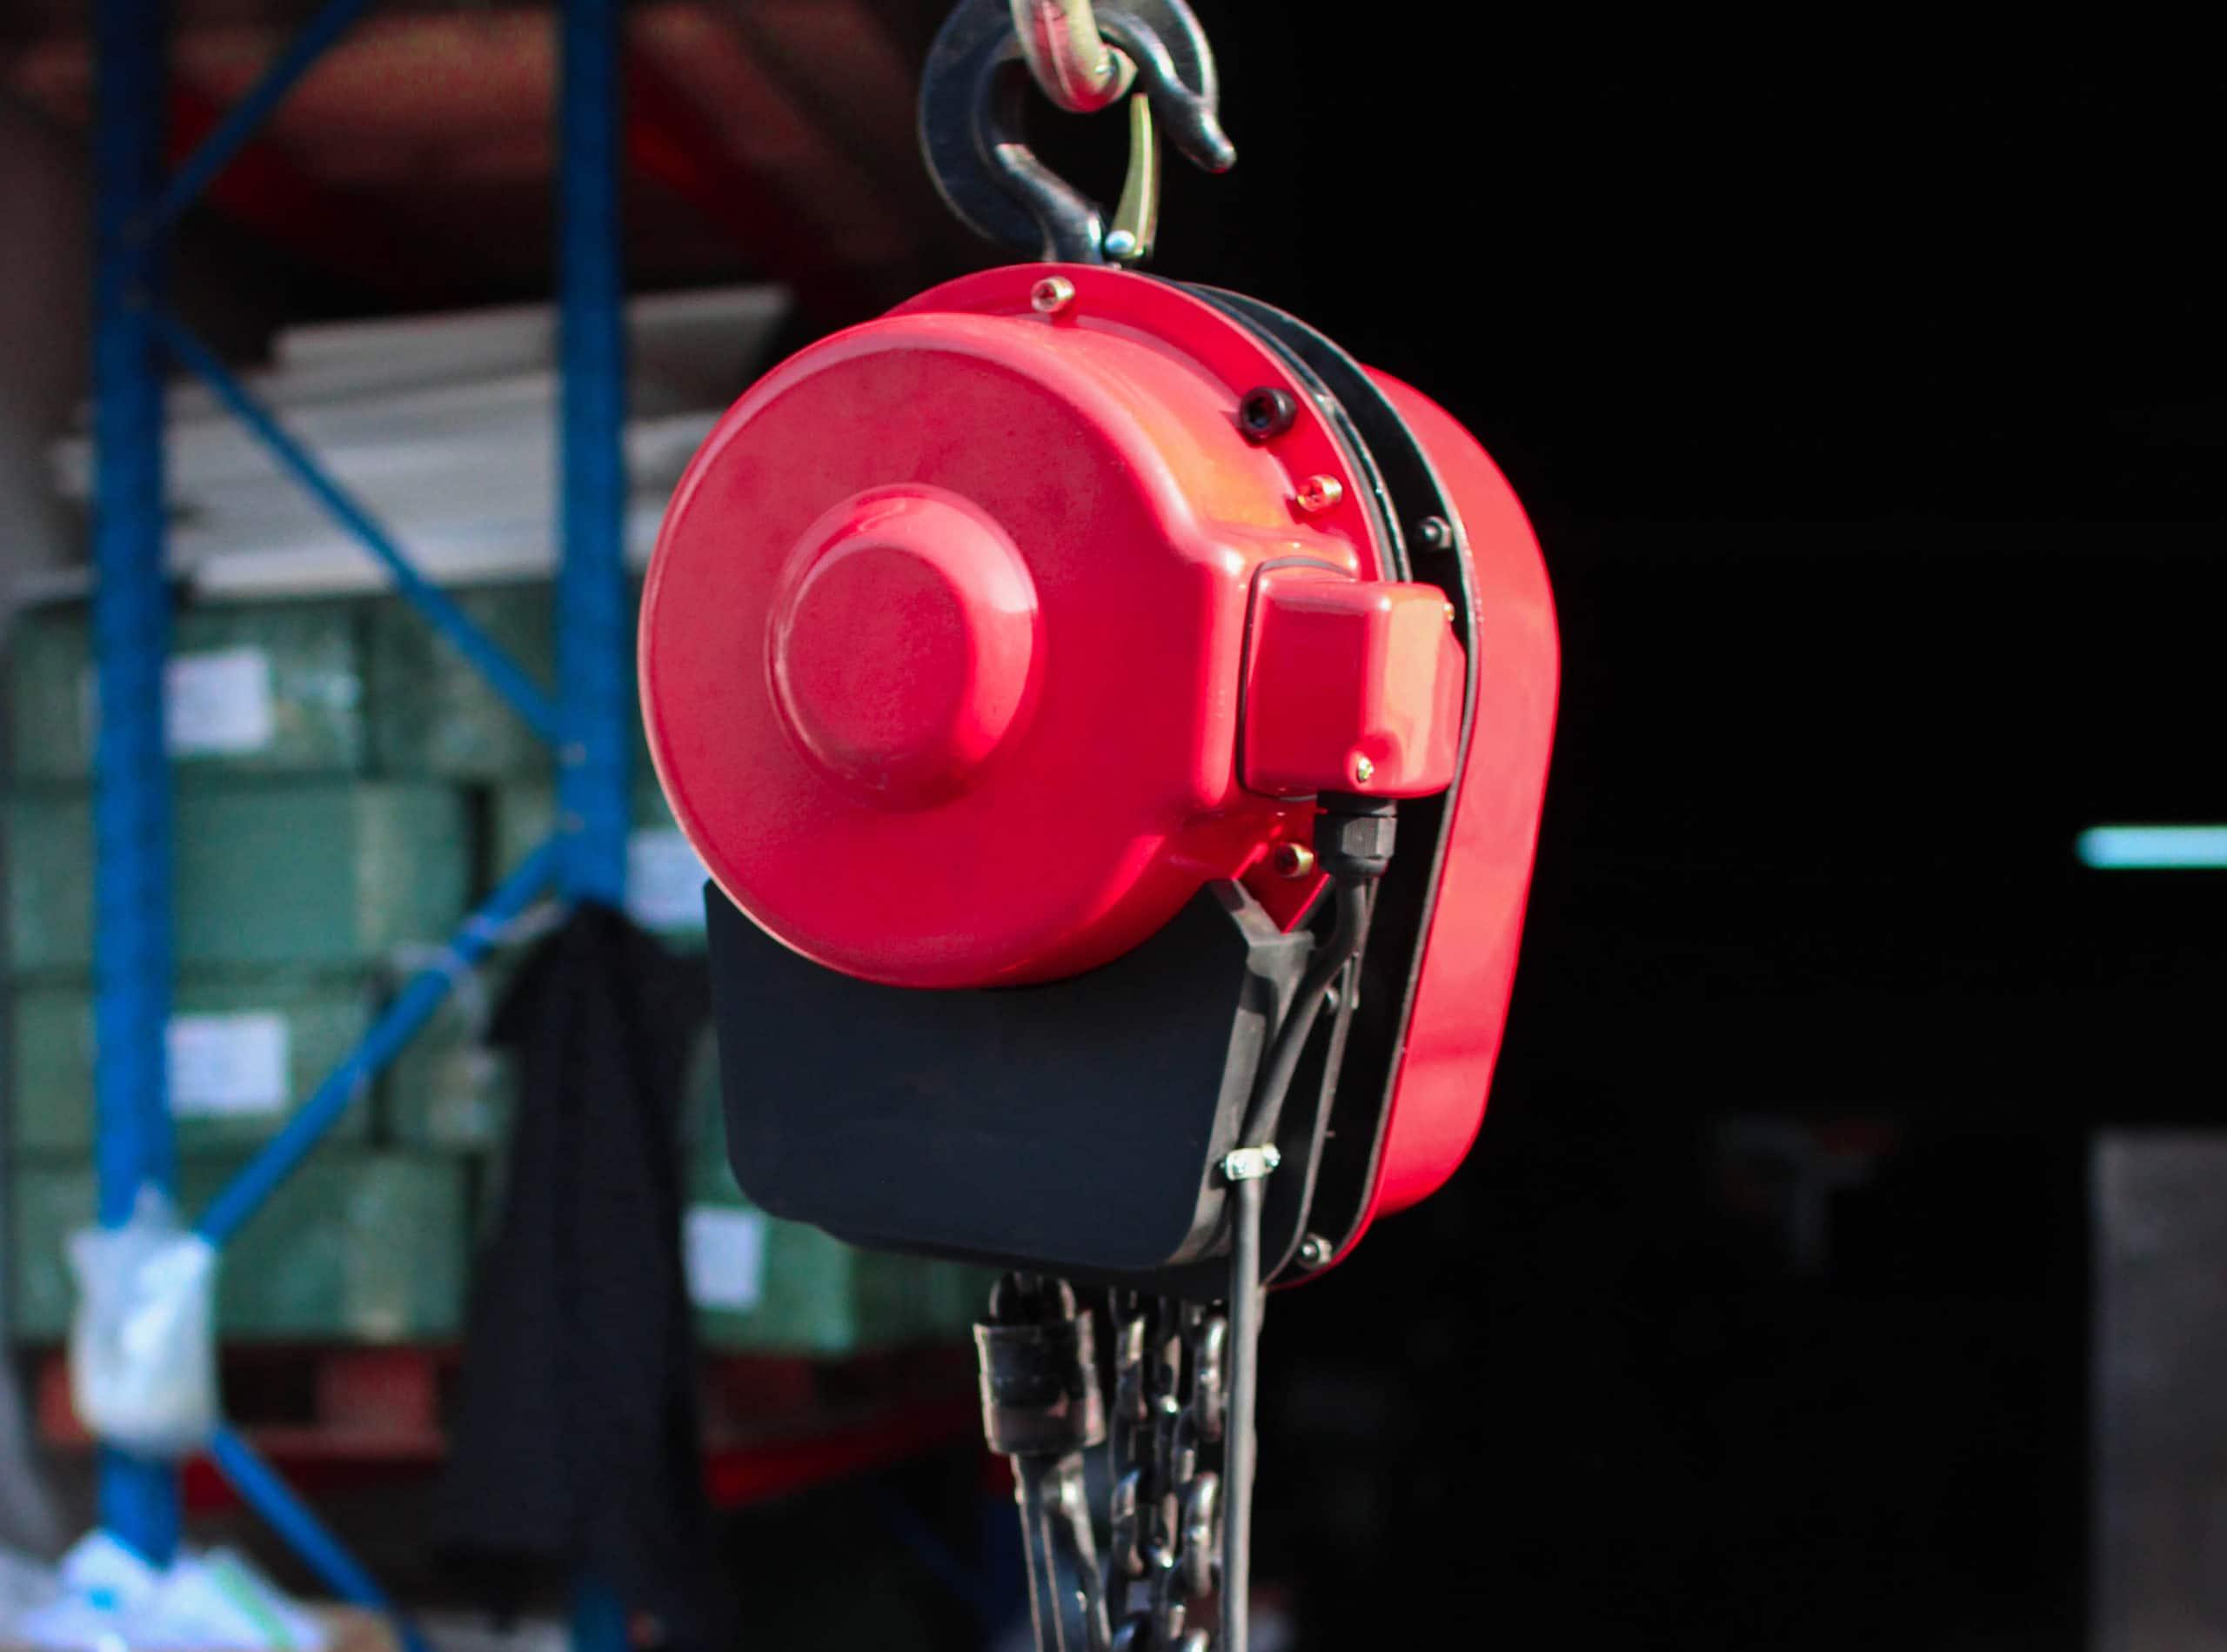 รอกโซ่ รอกโซ่ไฟฟ้า ตัวเครื่องมีขนาดเล็ก น้ำหนักเบา เคลื่อนย้ายสะดวก